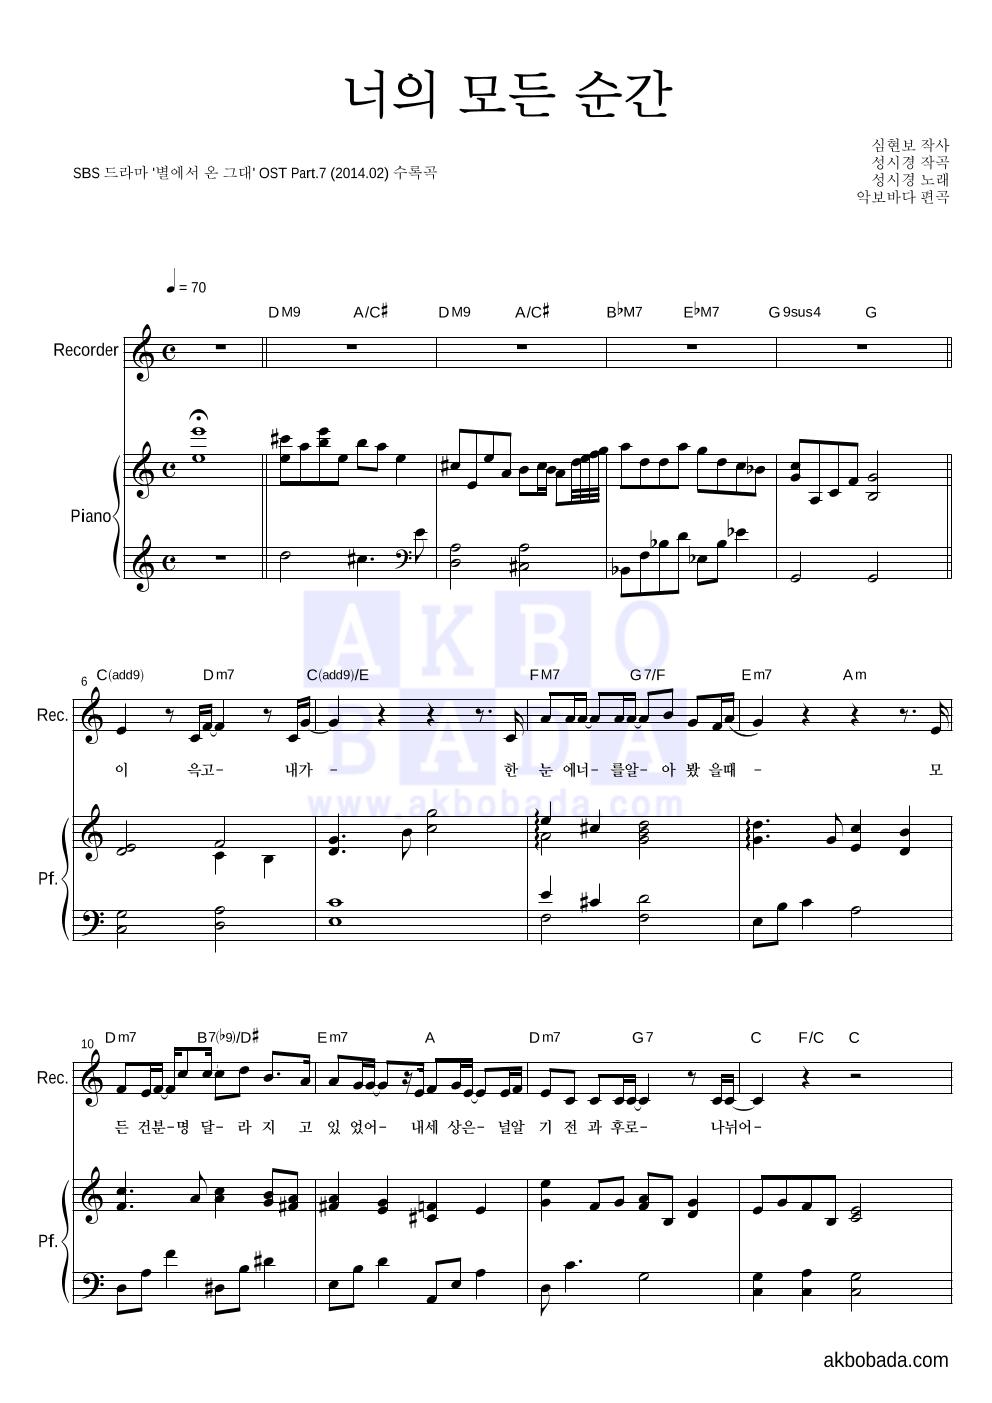 성시경 - 너의 모든 순간 리코더&피아노 악보